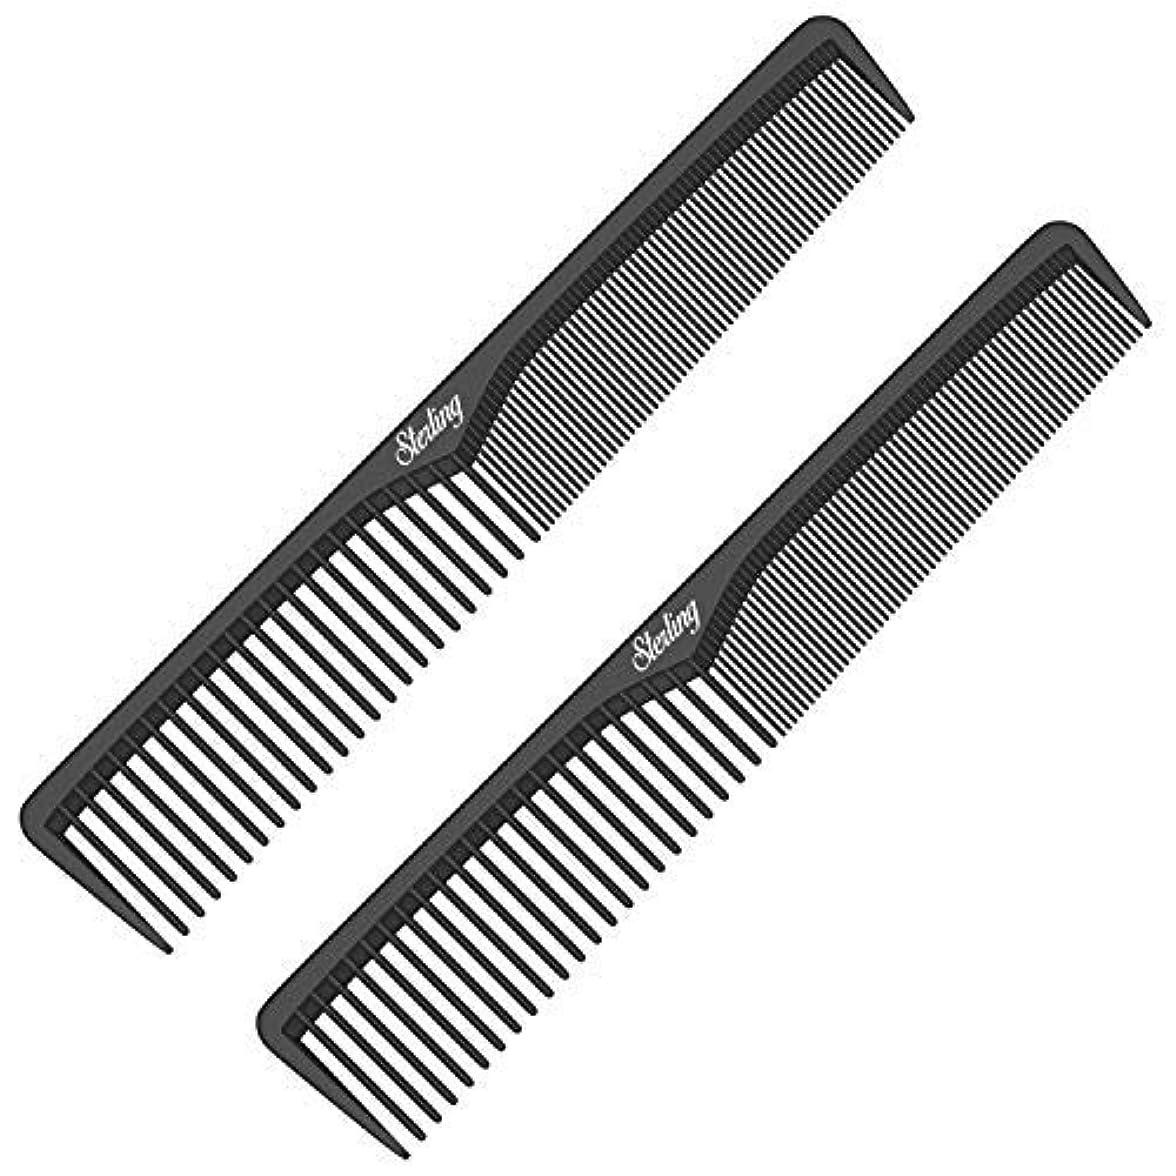 ベンチ要求するゲージStyling Comb (2 Pack)   Professional 7  Black Carbon Fiber Anti Static Chemical And Heat Resistant Combs For All...